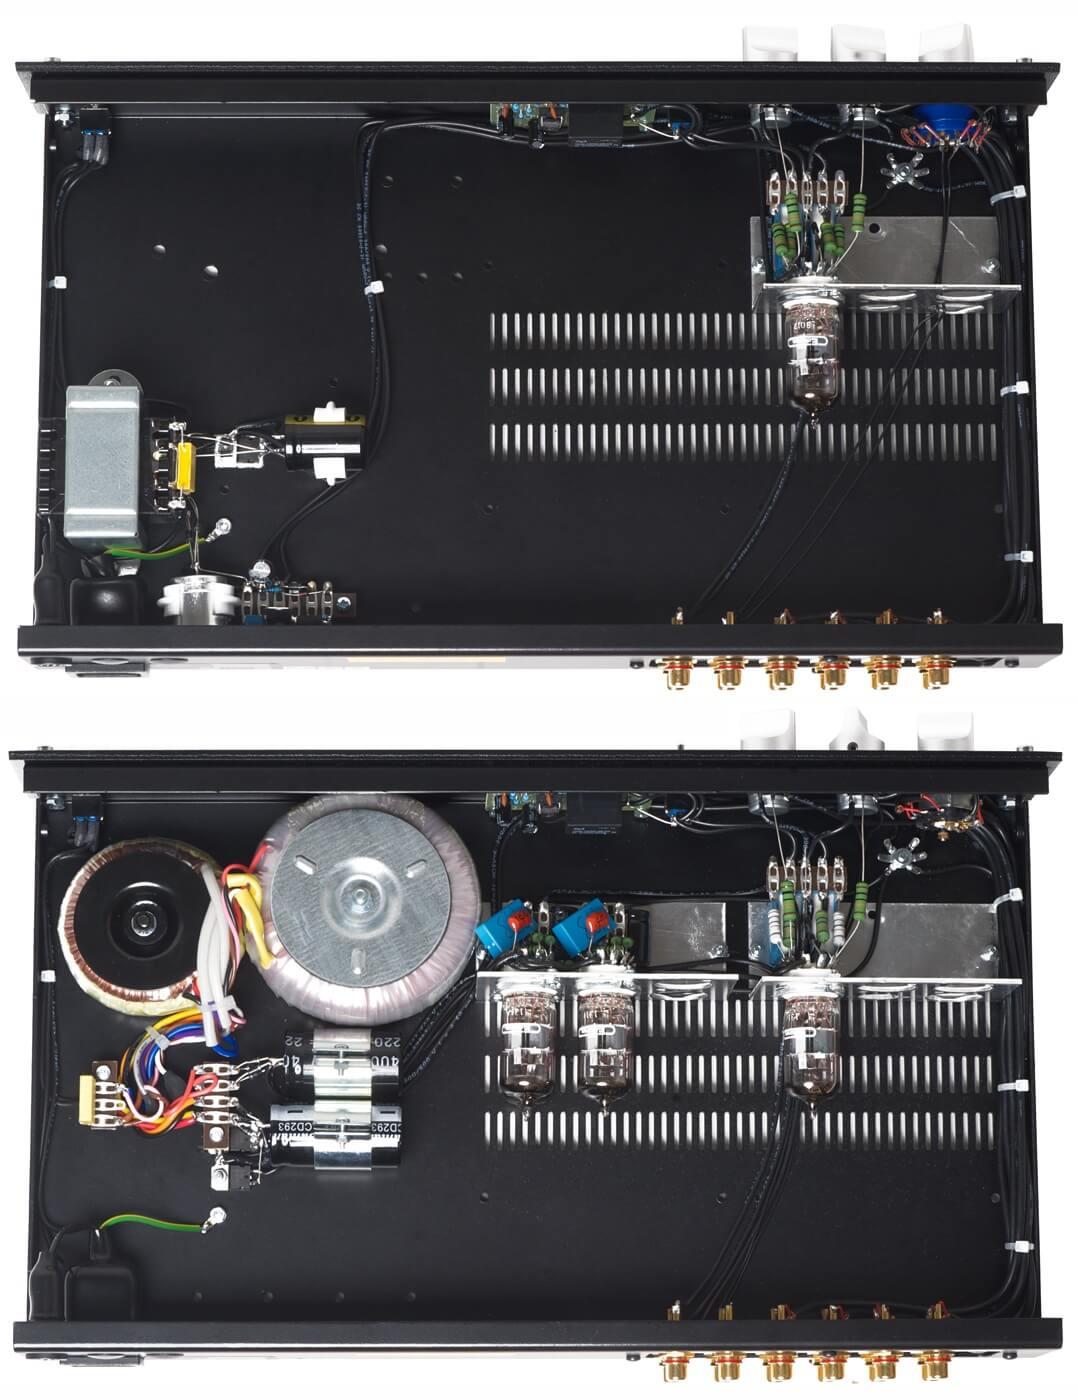 Luftiger Aufbau: Croft Micro 25 Vorstufen - oben die Standard- unten die Regulated-Version